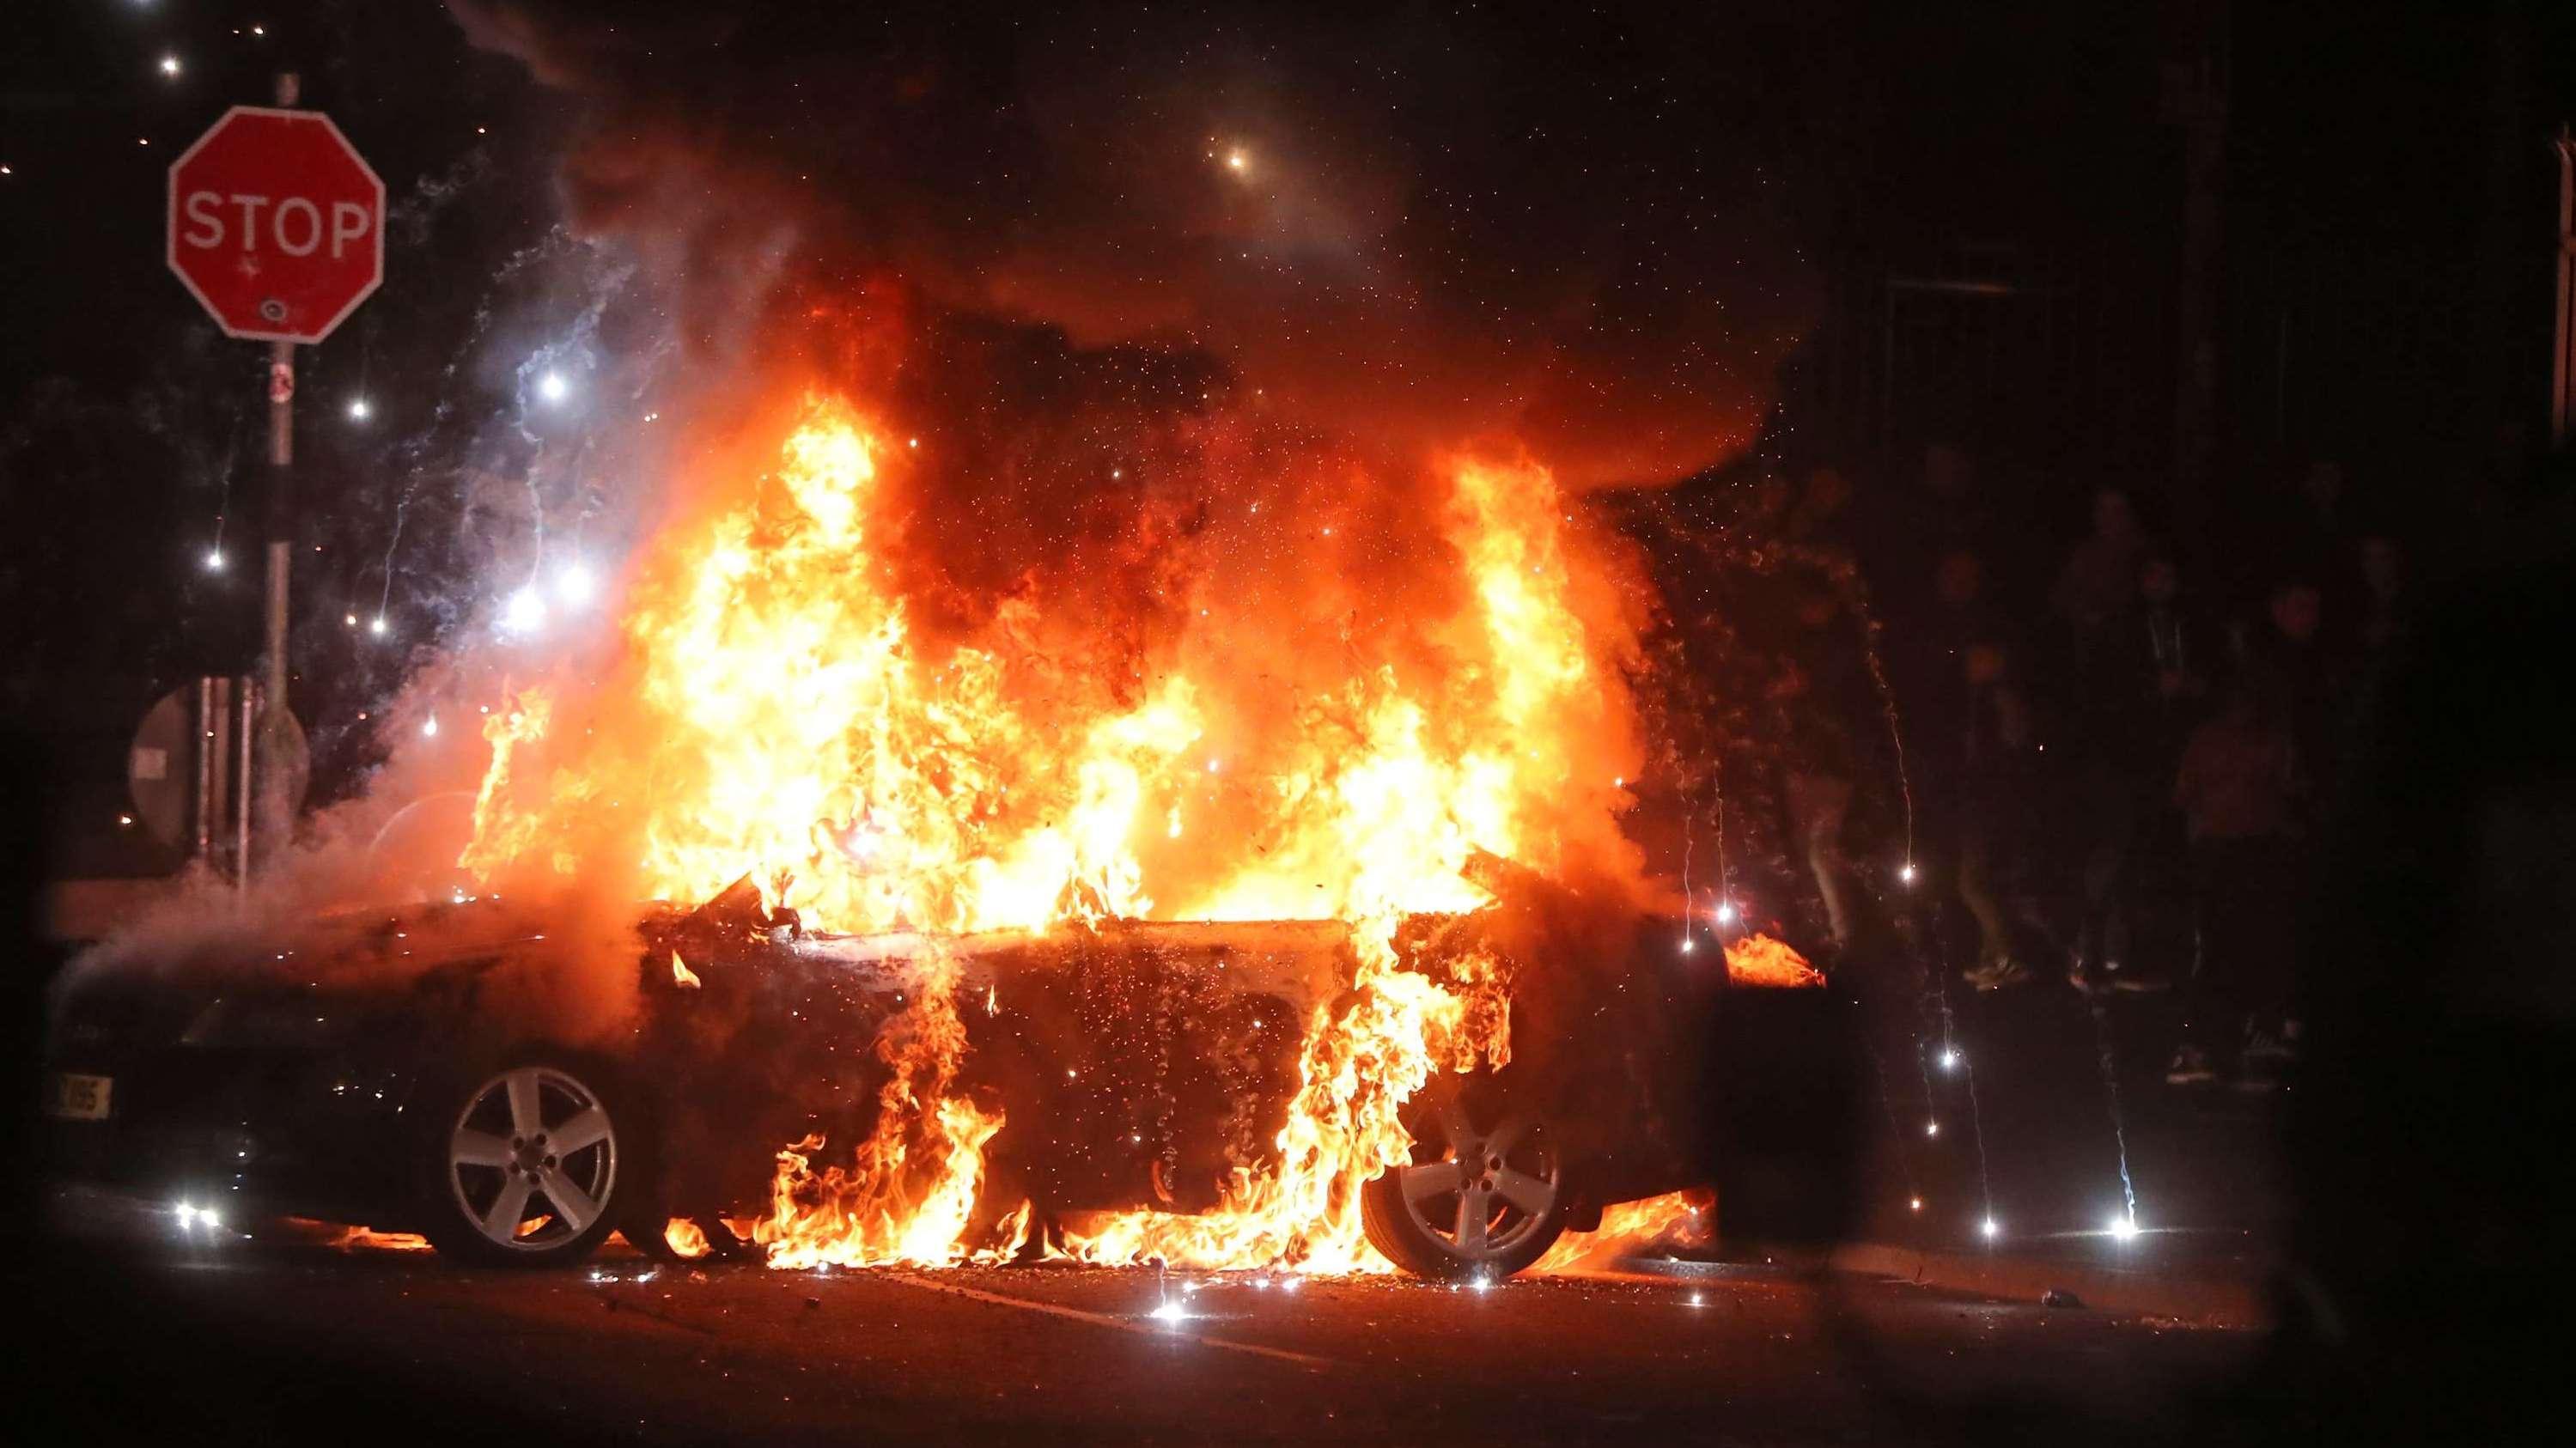 Ein Auto brennt während sozialer Unruhen